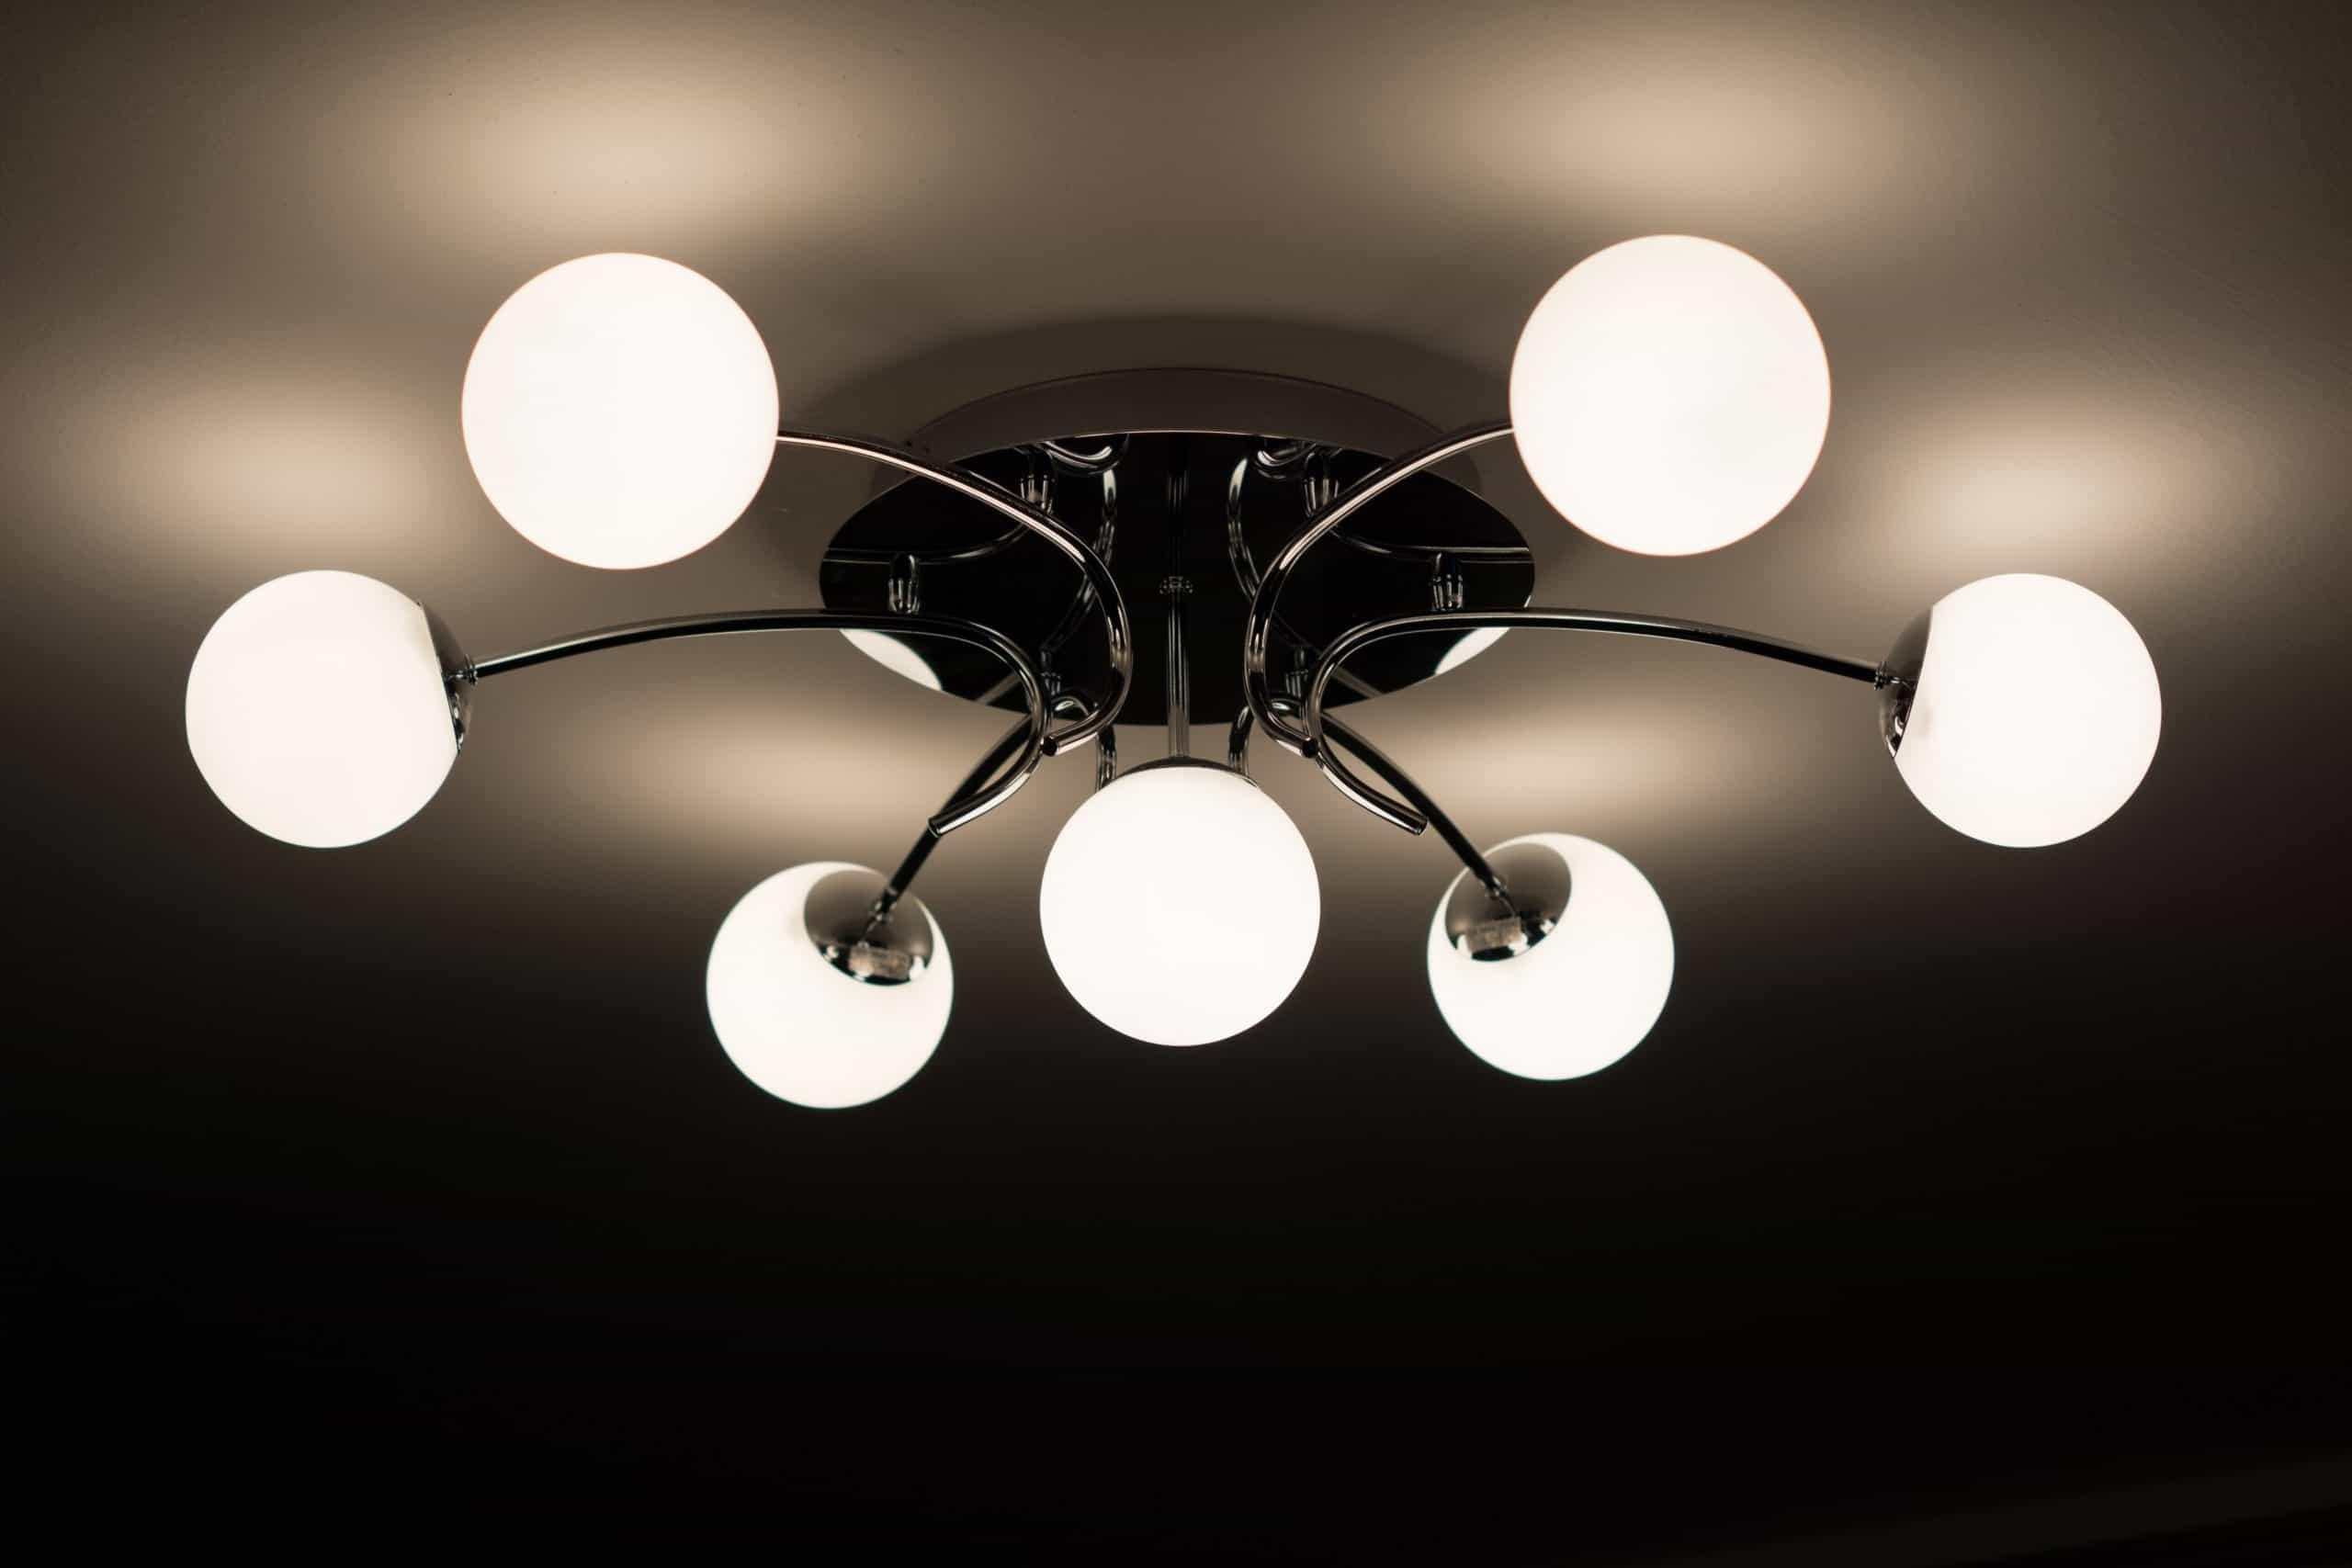 תאורה האור שיוצא עיצוב קבלן מומלץ תל אביב מרכז